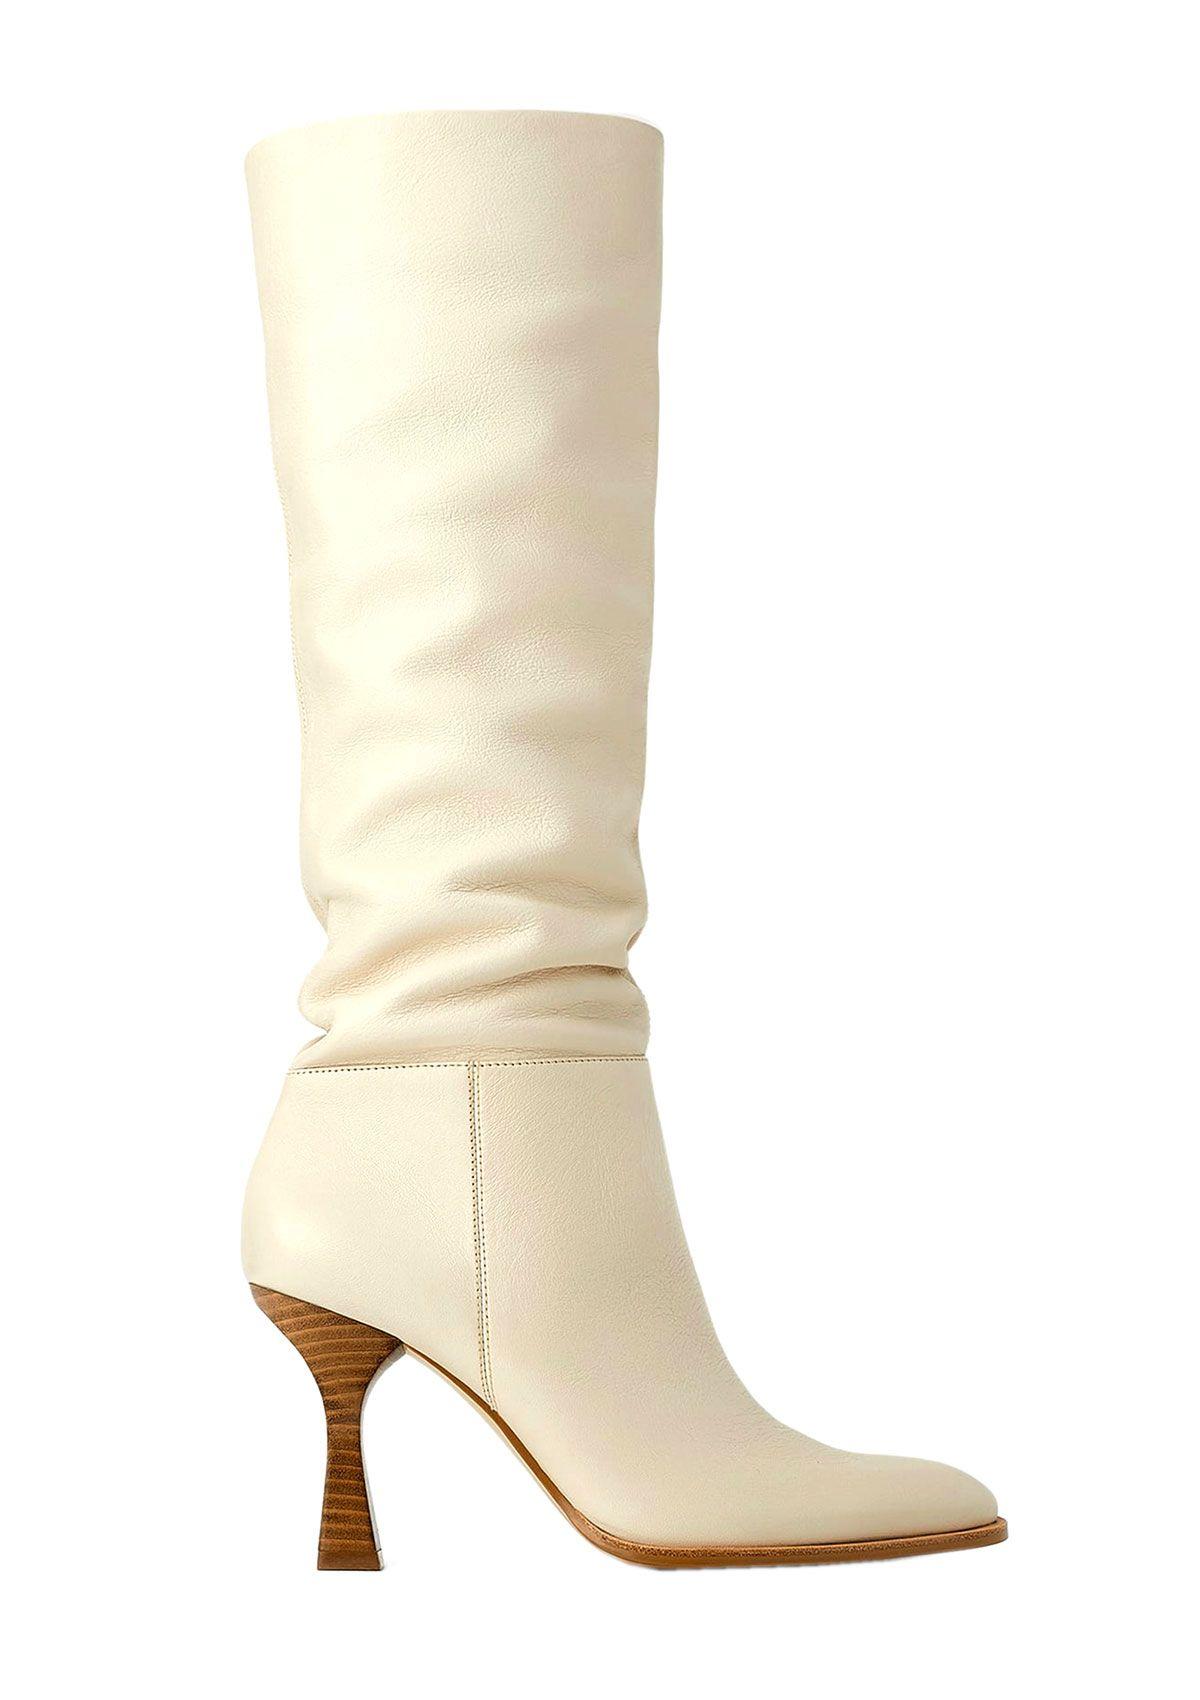 Te proponemos 30 modelos de botaspara que las combines con falda corta, larga, vestido, pantalones, leggings…